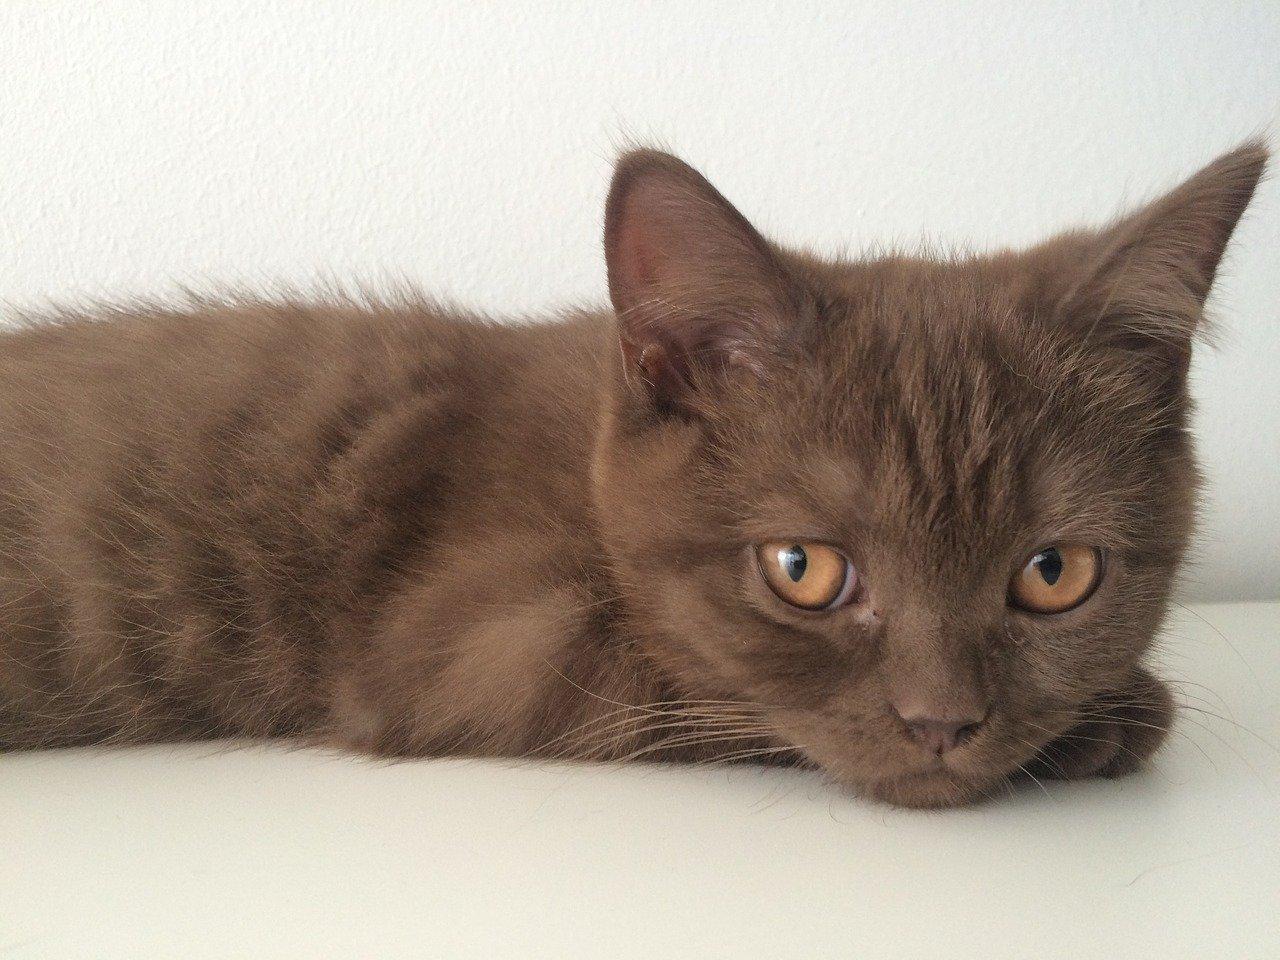 gattino color marroncino